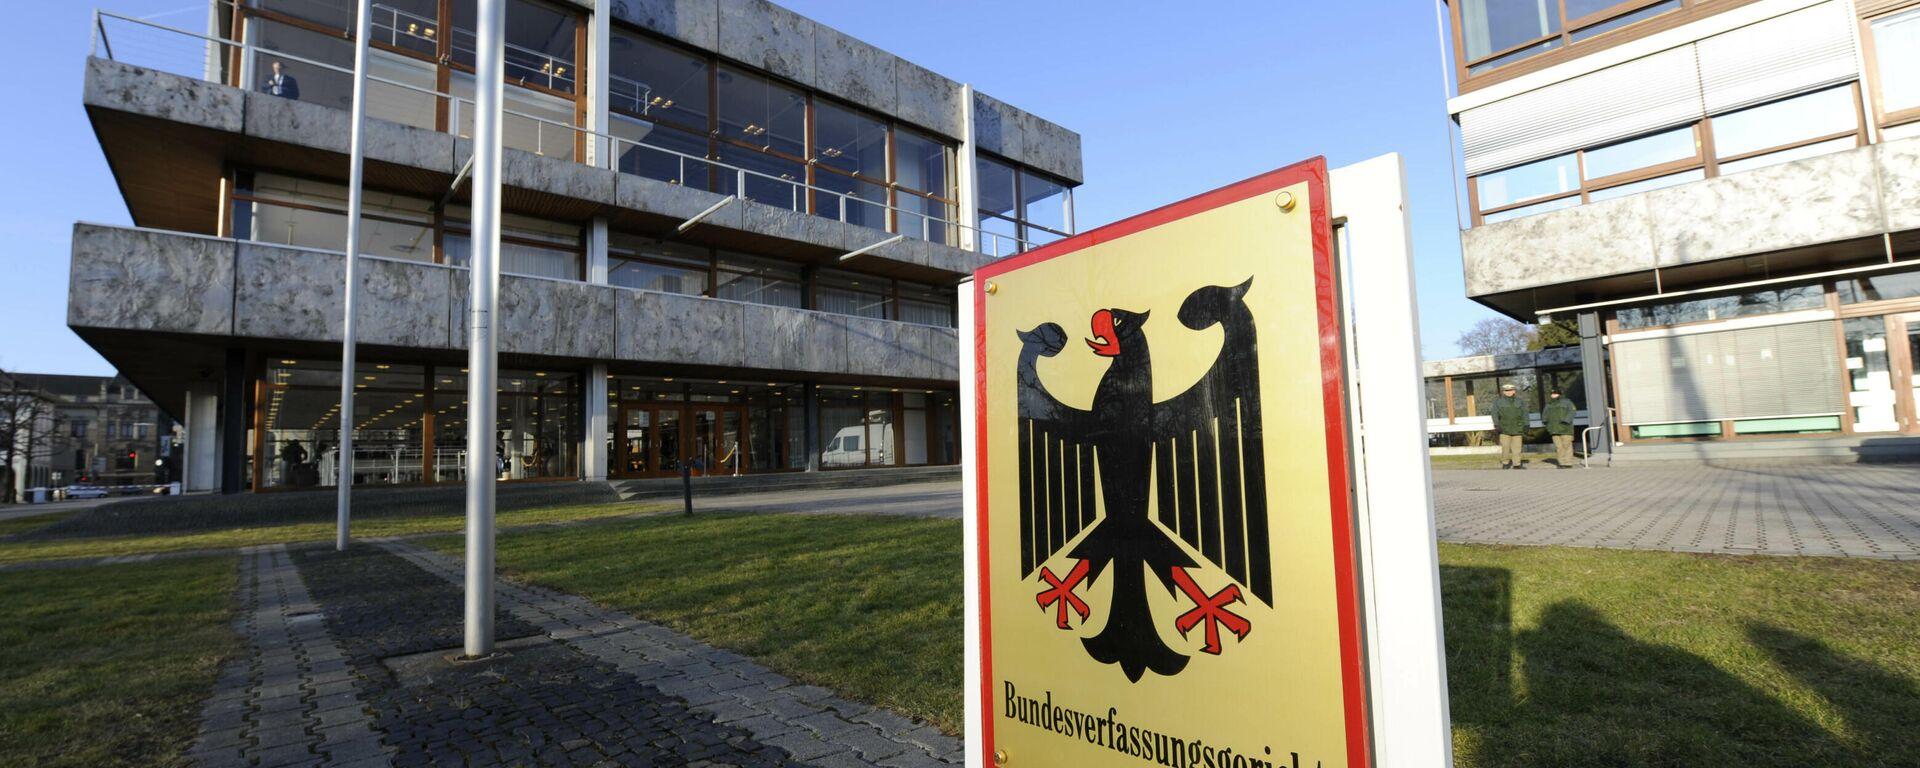 Bundesverfassungsgericht in Karlsruhe  (Archivbild) - SNA, 1920, 26.03.2021